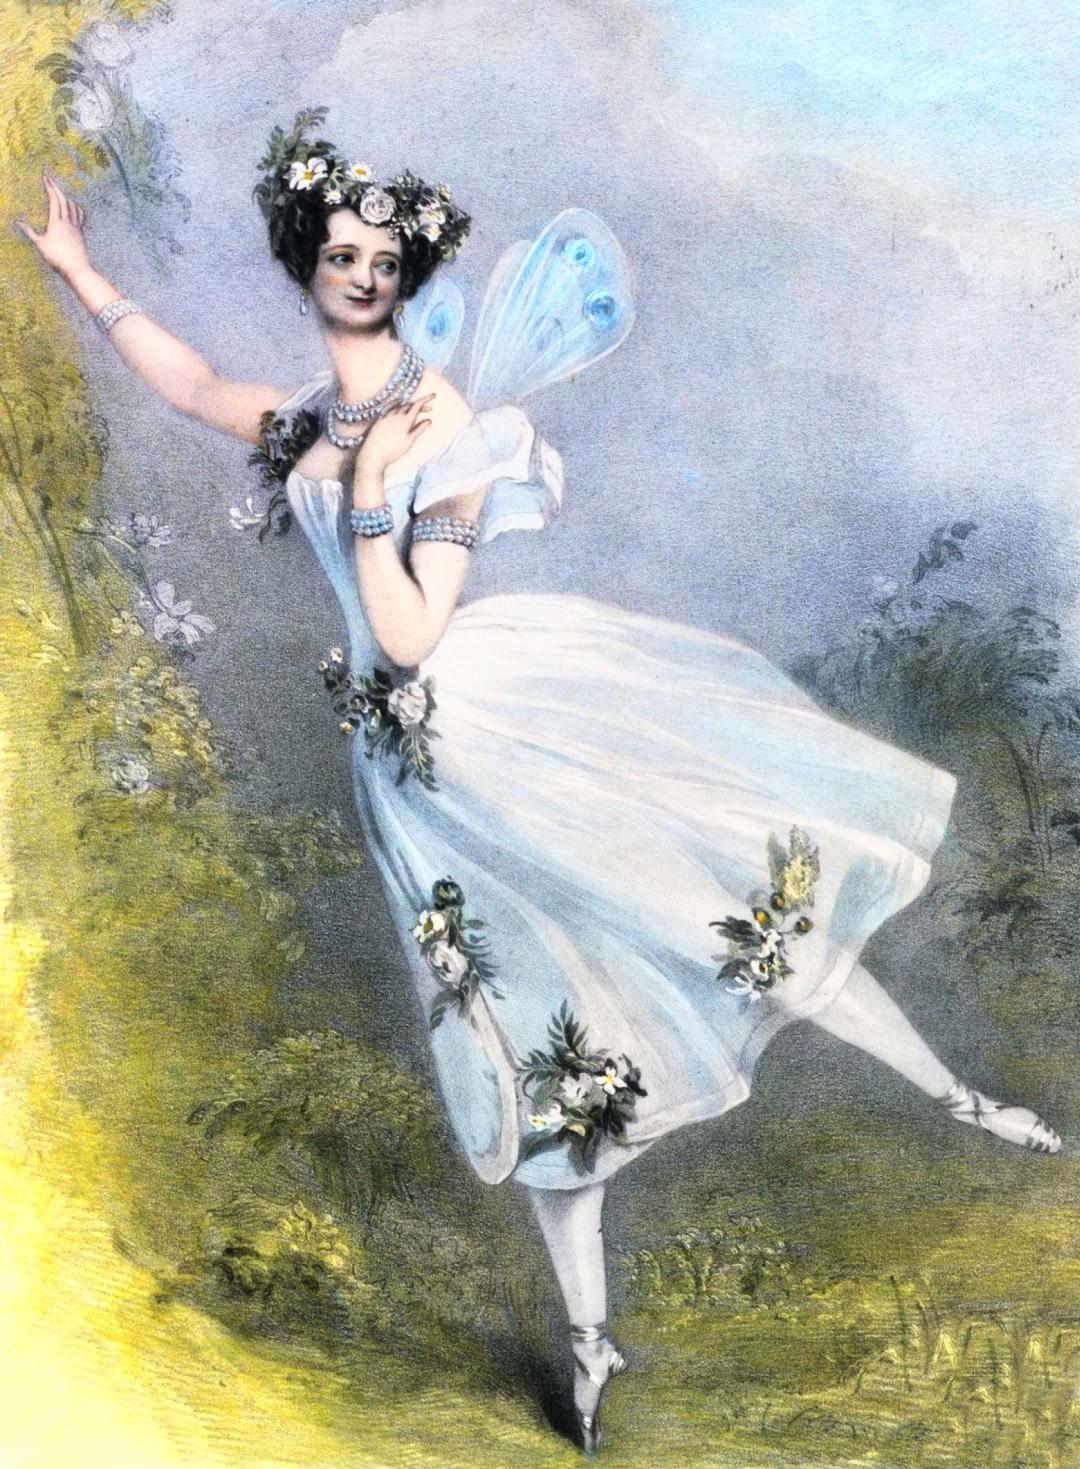 Альфред Едвард Шалон, Марія Тальоні у балеті Зефір і Флора, 1831 р.